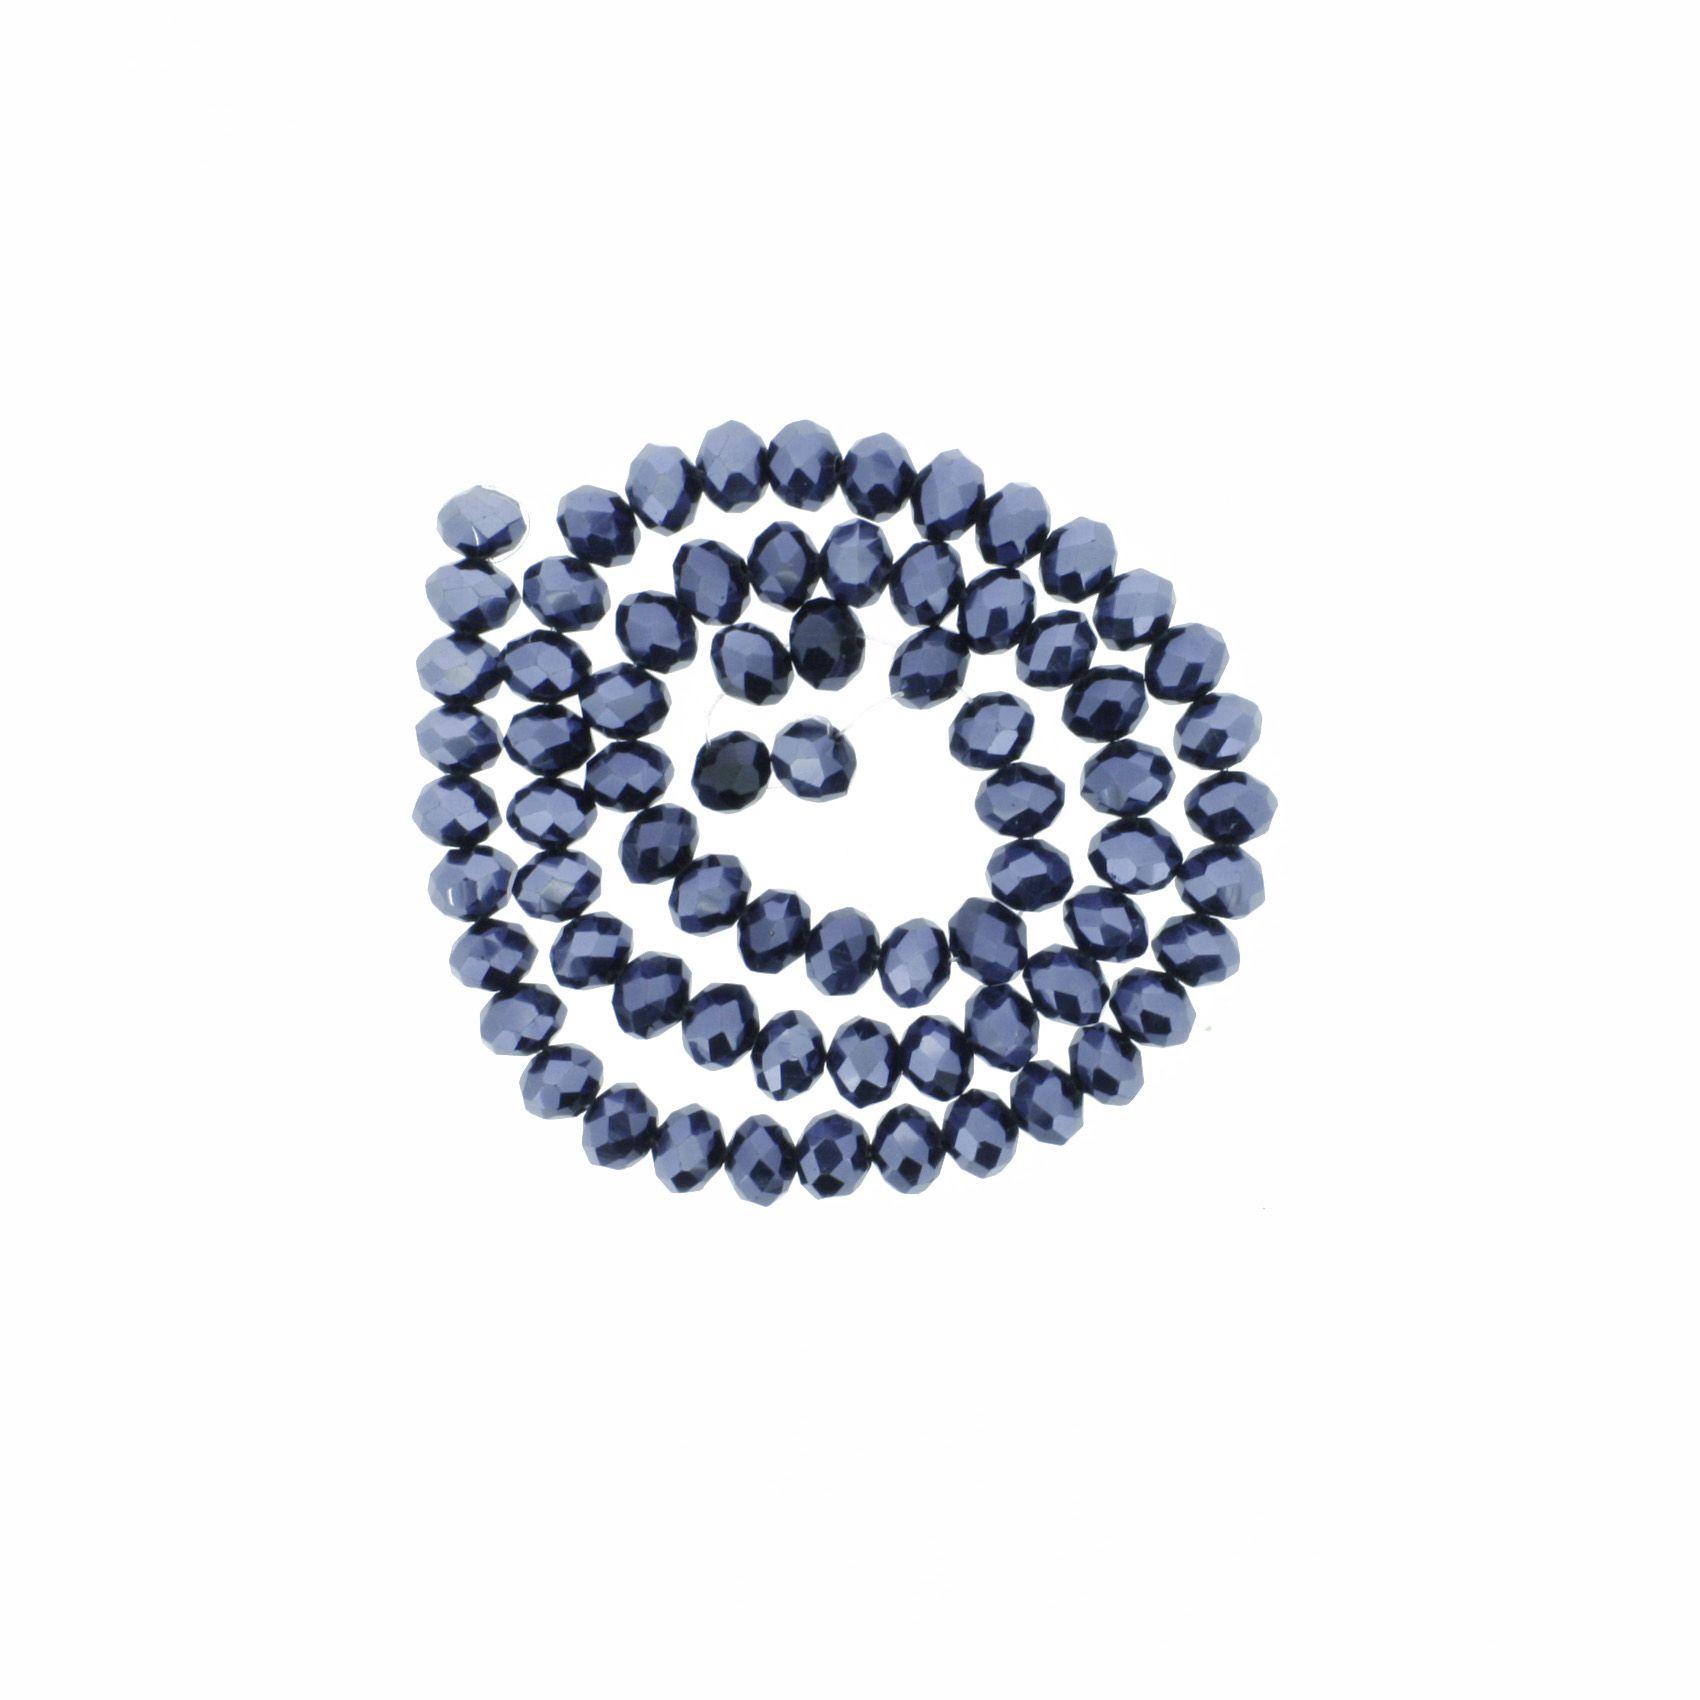 Fio de Cristal - Piatto® - Grafite - 8mm  - Universo Religioso® - Artigos de Umbanda e Candomblé